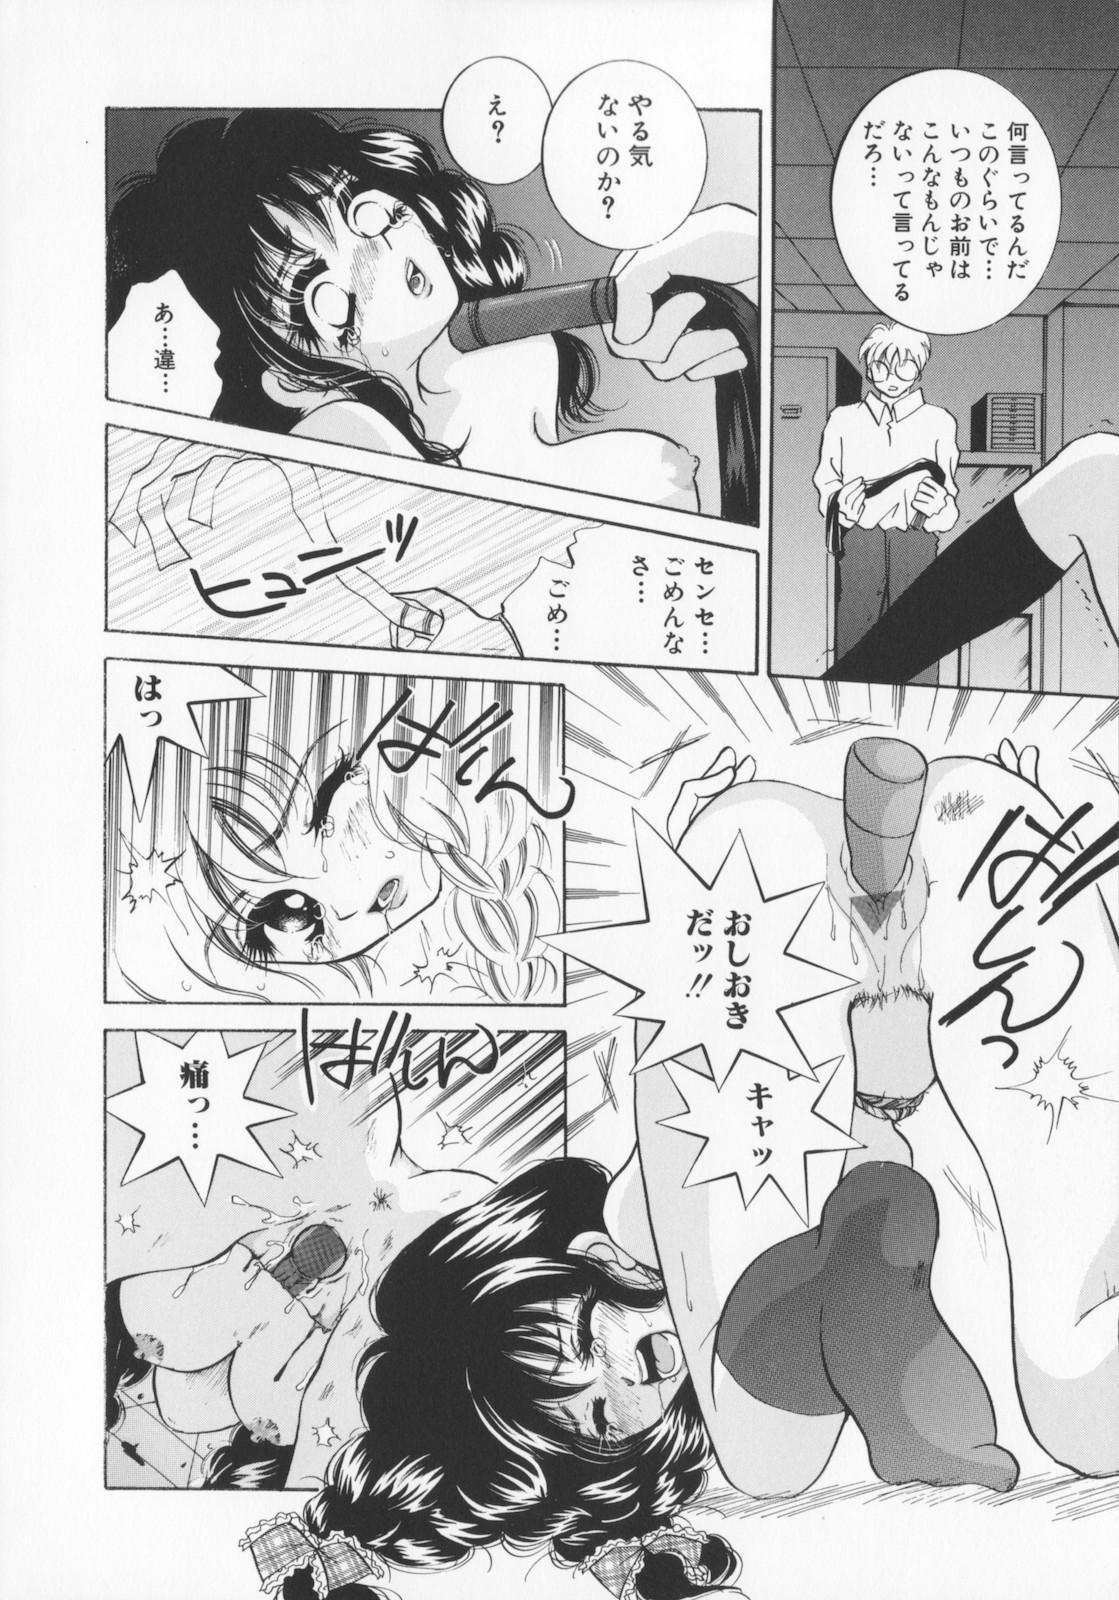 Kichiku dorei 13